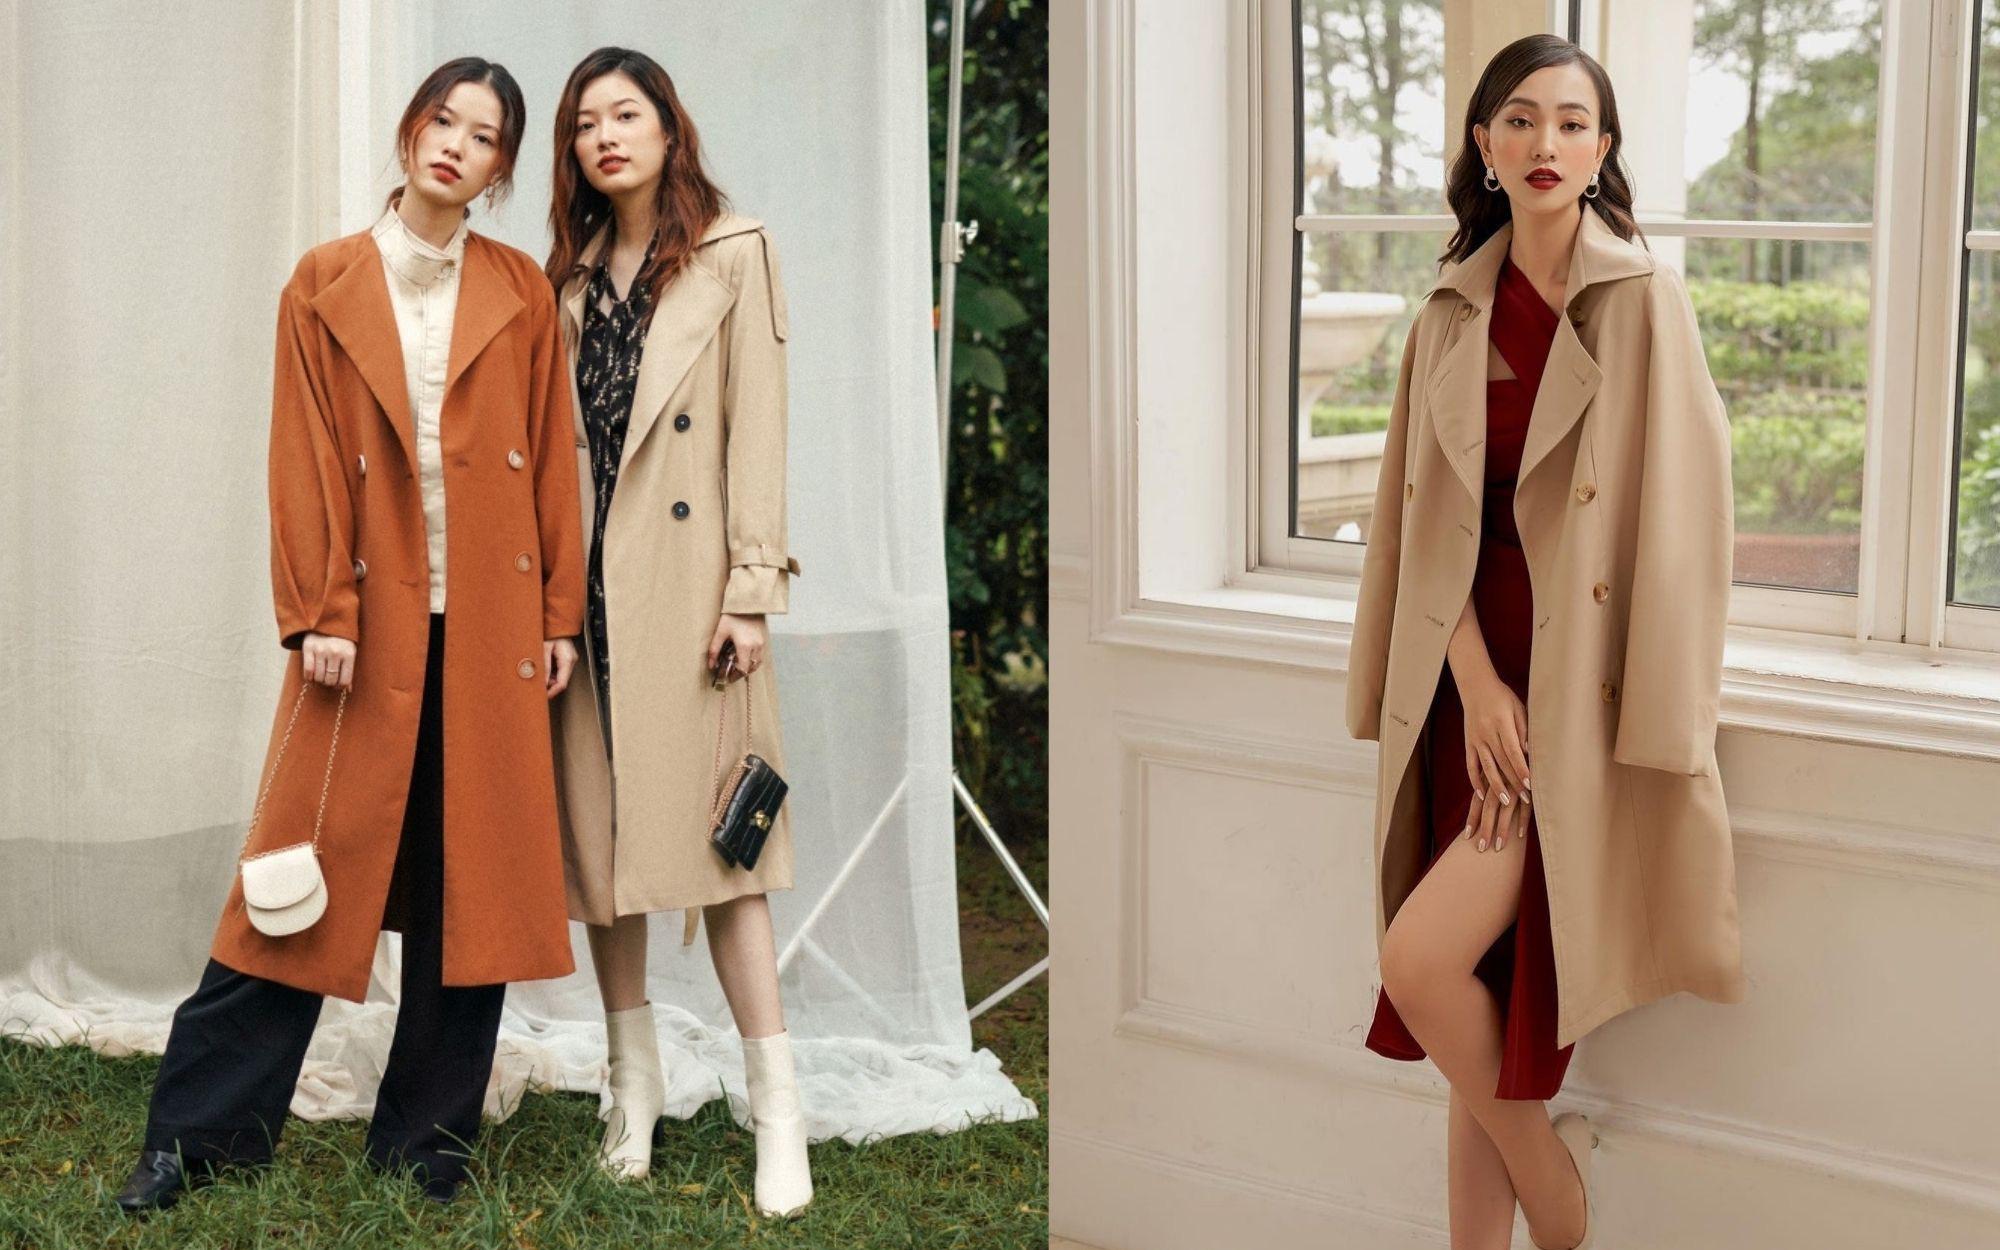 10 mẫu trench coat từ 450k, chị em sắm ngay để Tết Tân Sửu trời lạnh hay không cũng mặc đẹp hết ý